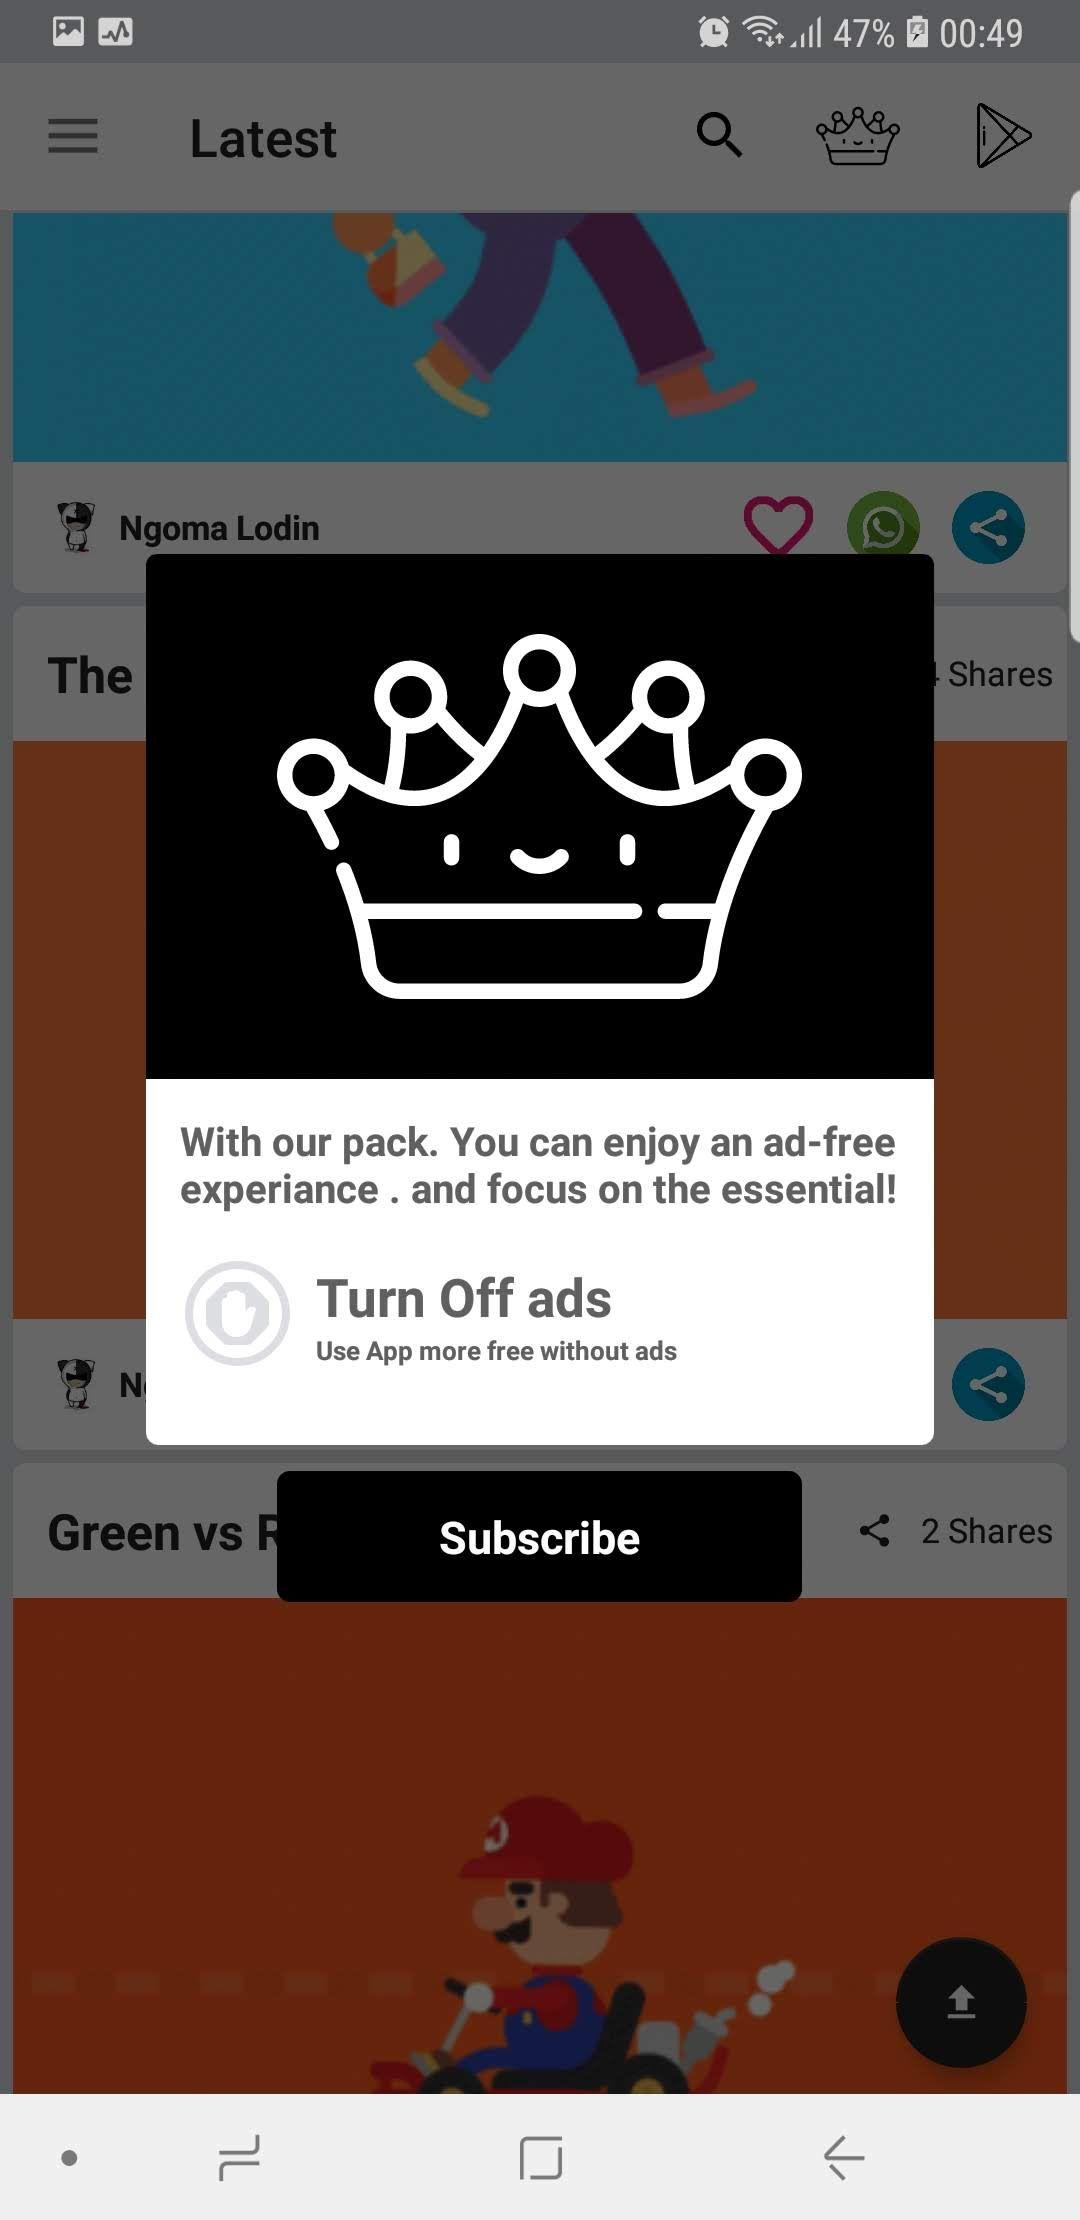 Ultimate Status Gif App App, Splash screen, Admin panel